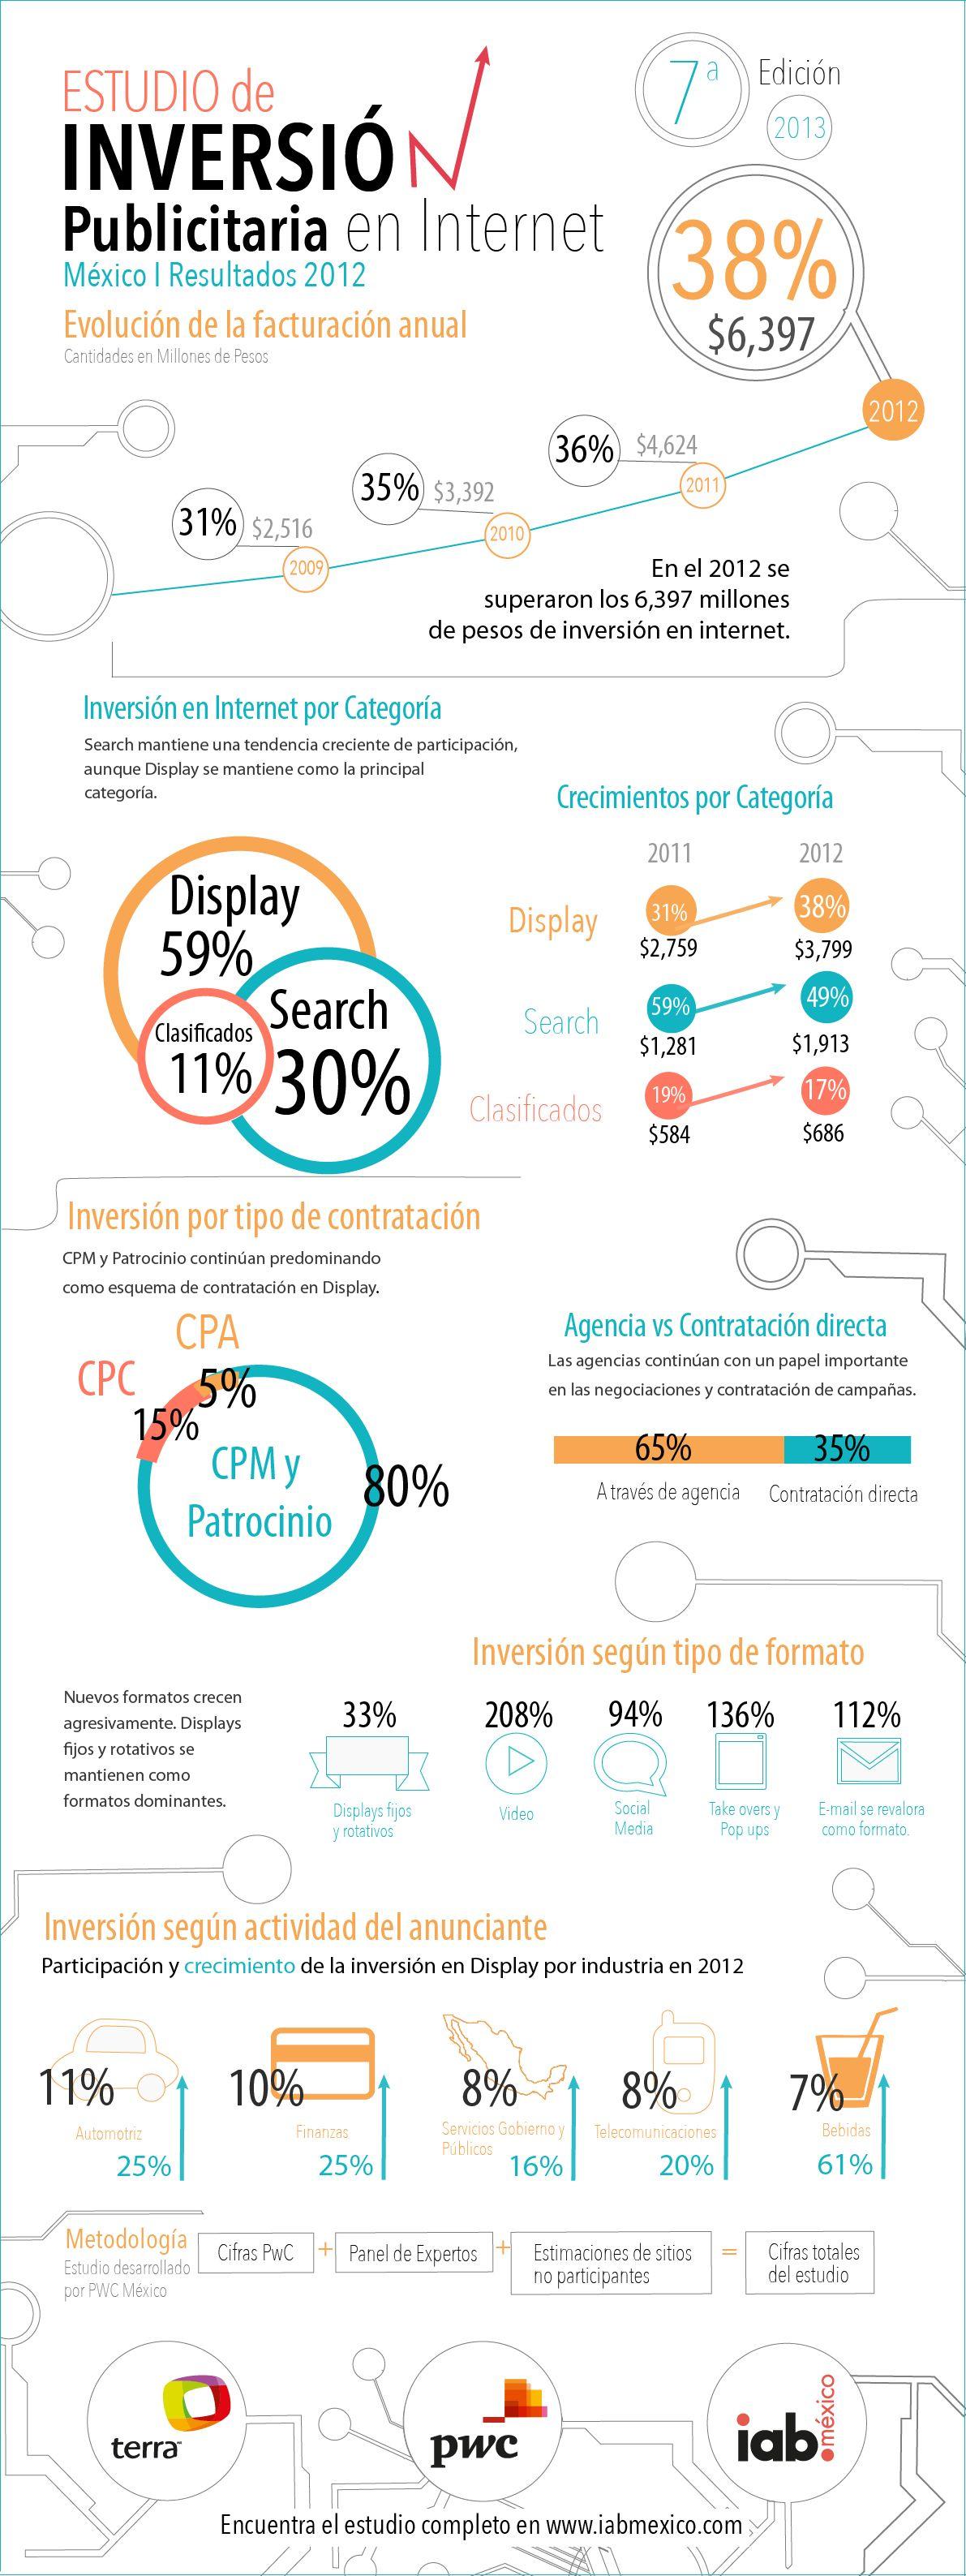 Infografía Estudio de Inversión Publicitaria en Internet IAB 2012